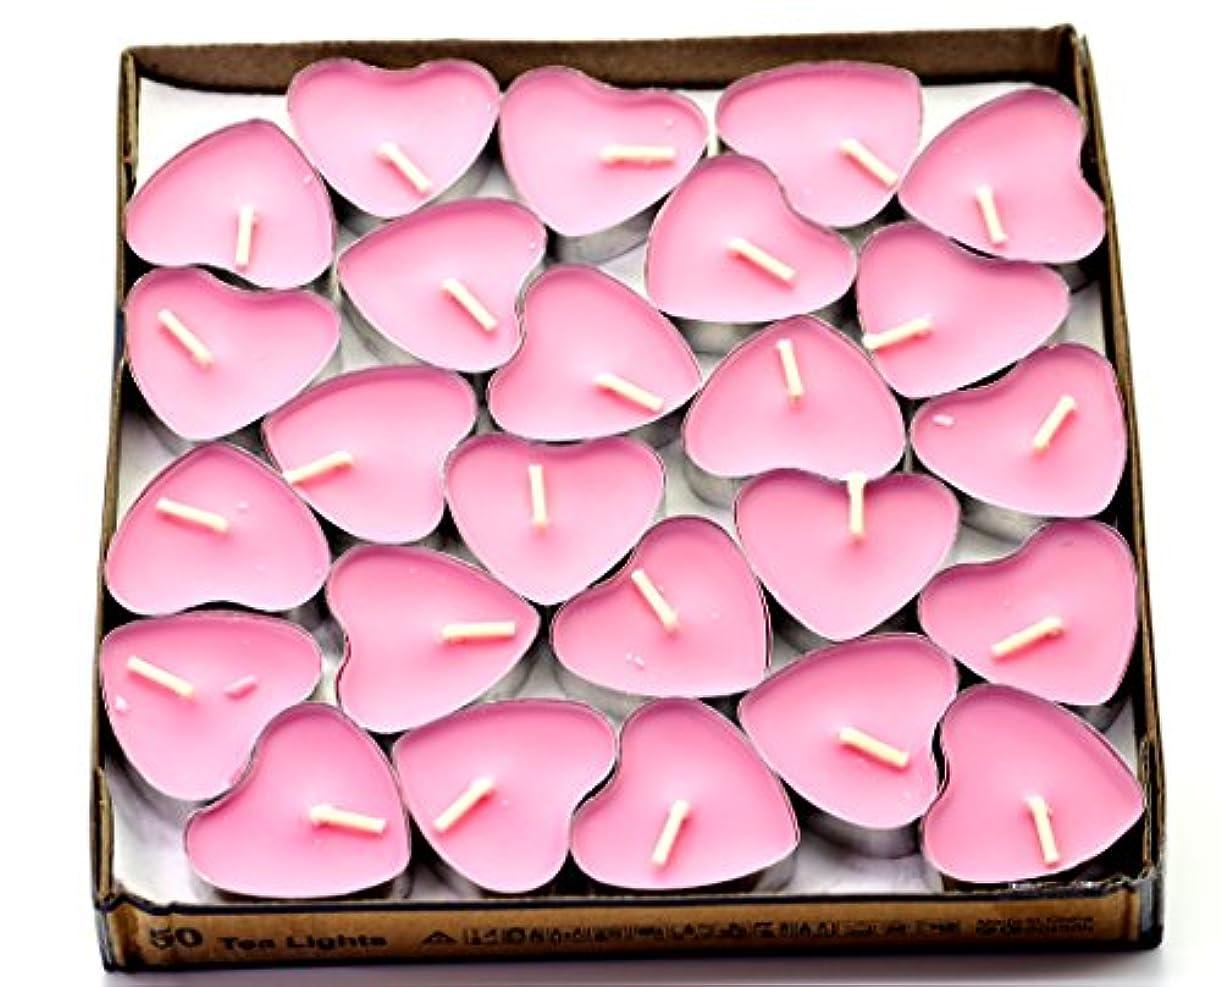 パーティション取り除く顔料(Pink(rose)) - Creationtop Scented Candles Tea Lights Mini Hearts Home Decor Aroma Candles Set of 50 pcs mini...